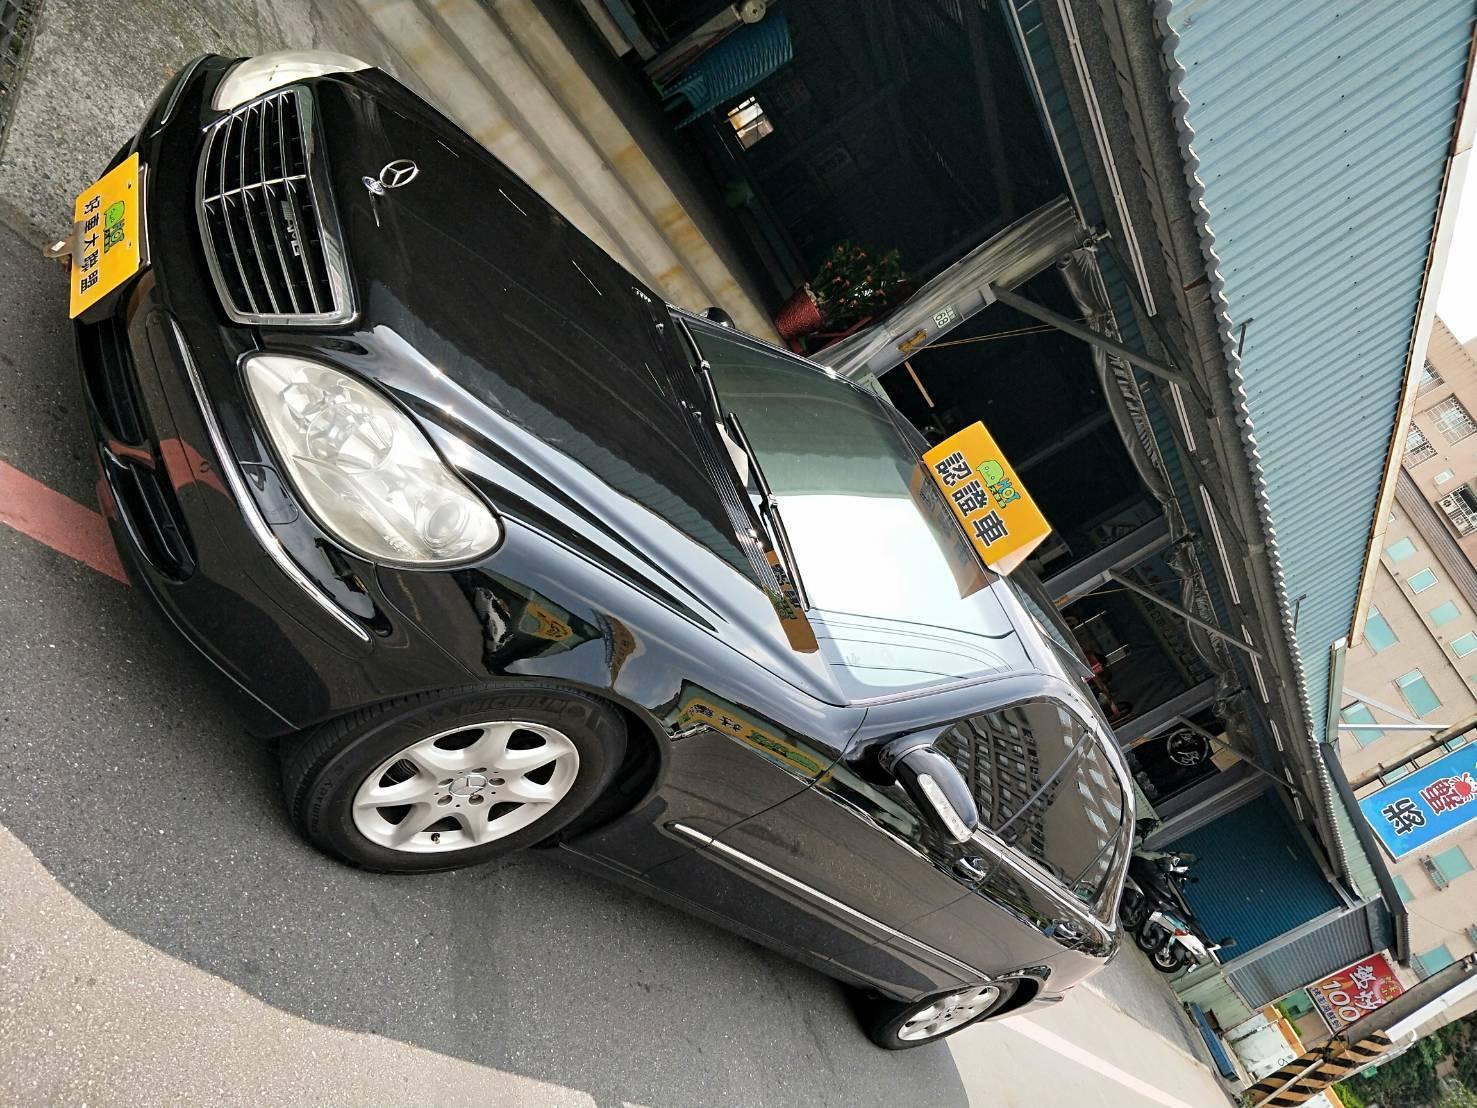 2003 M-Benz 賓士 S-class